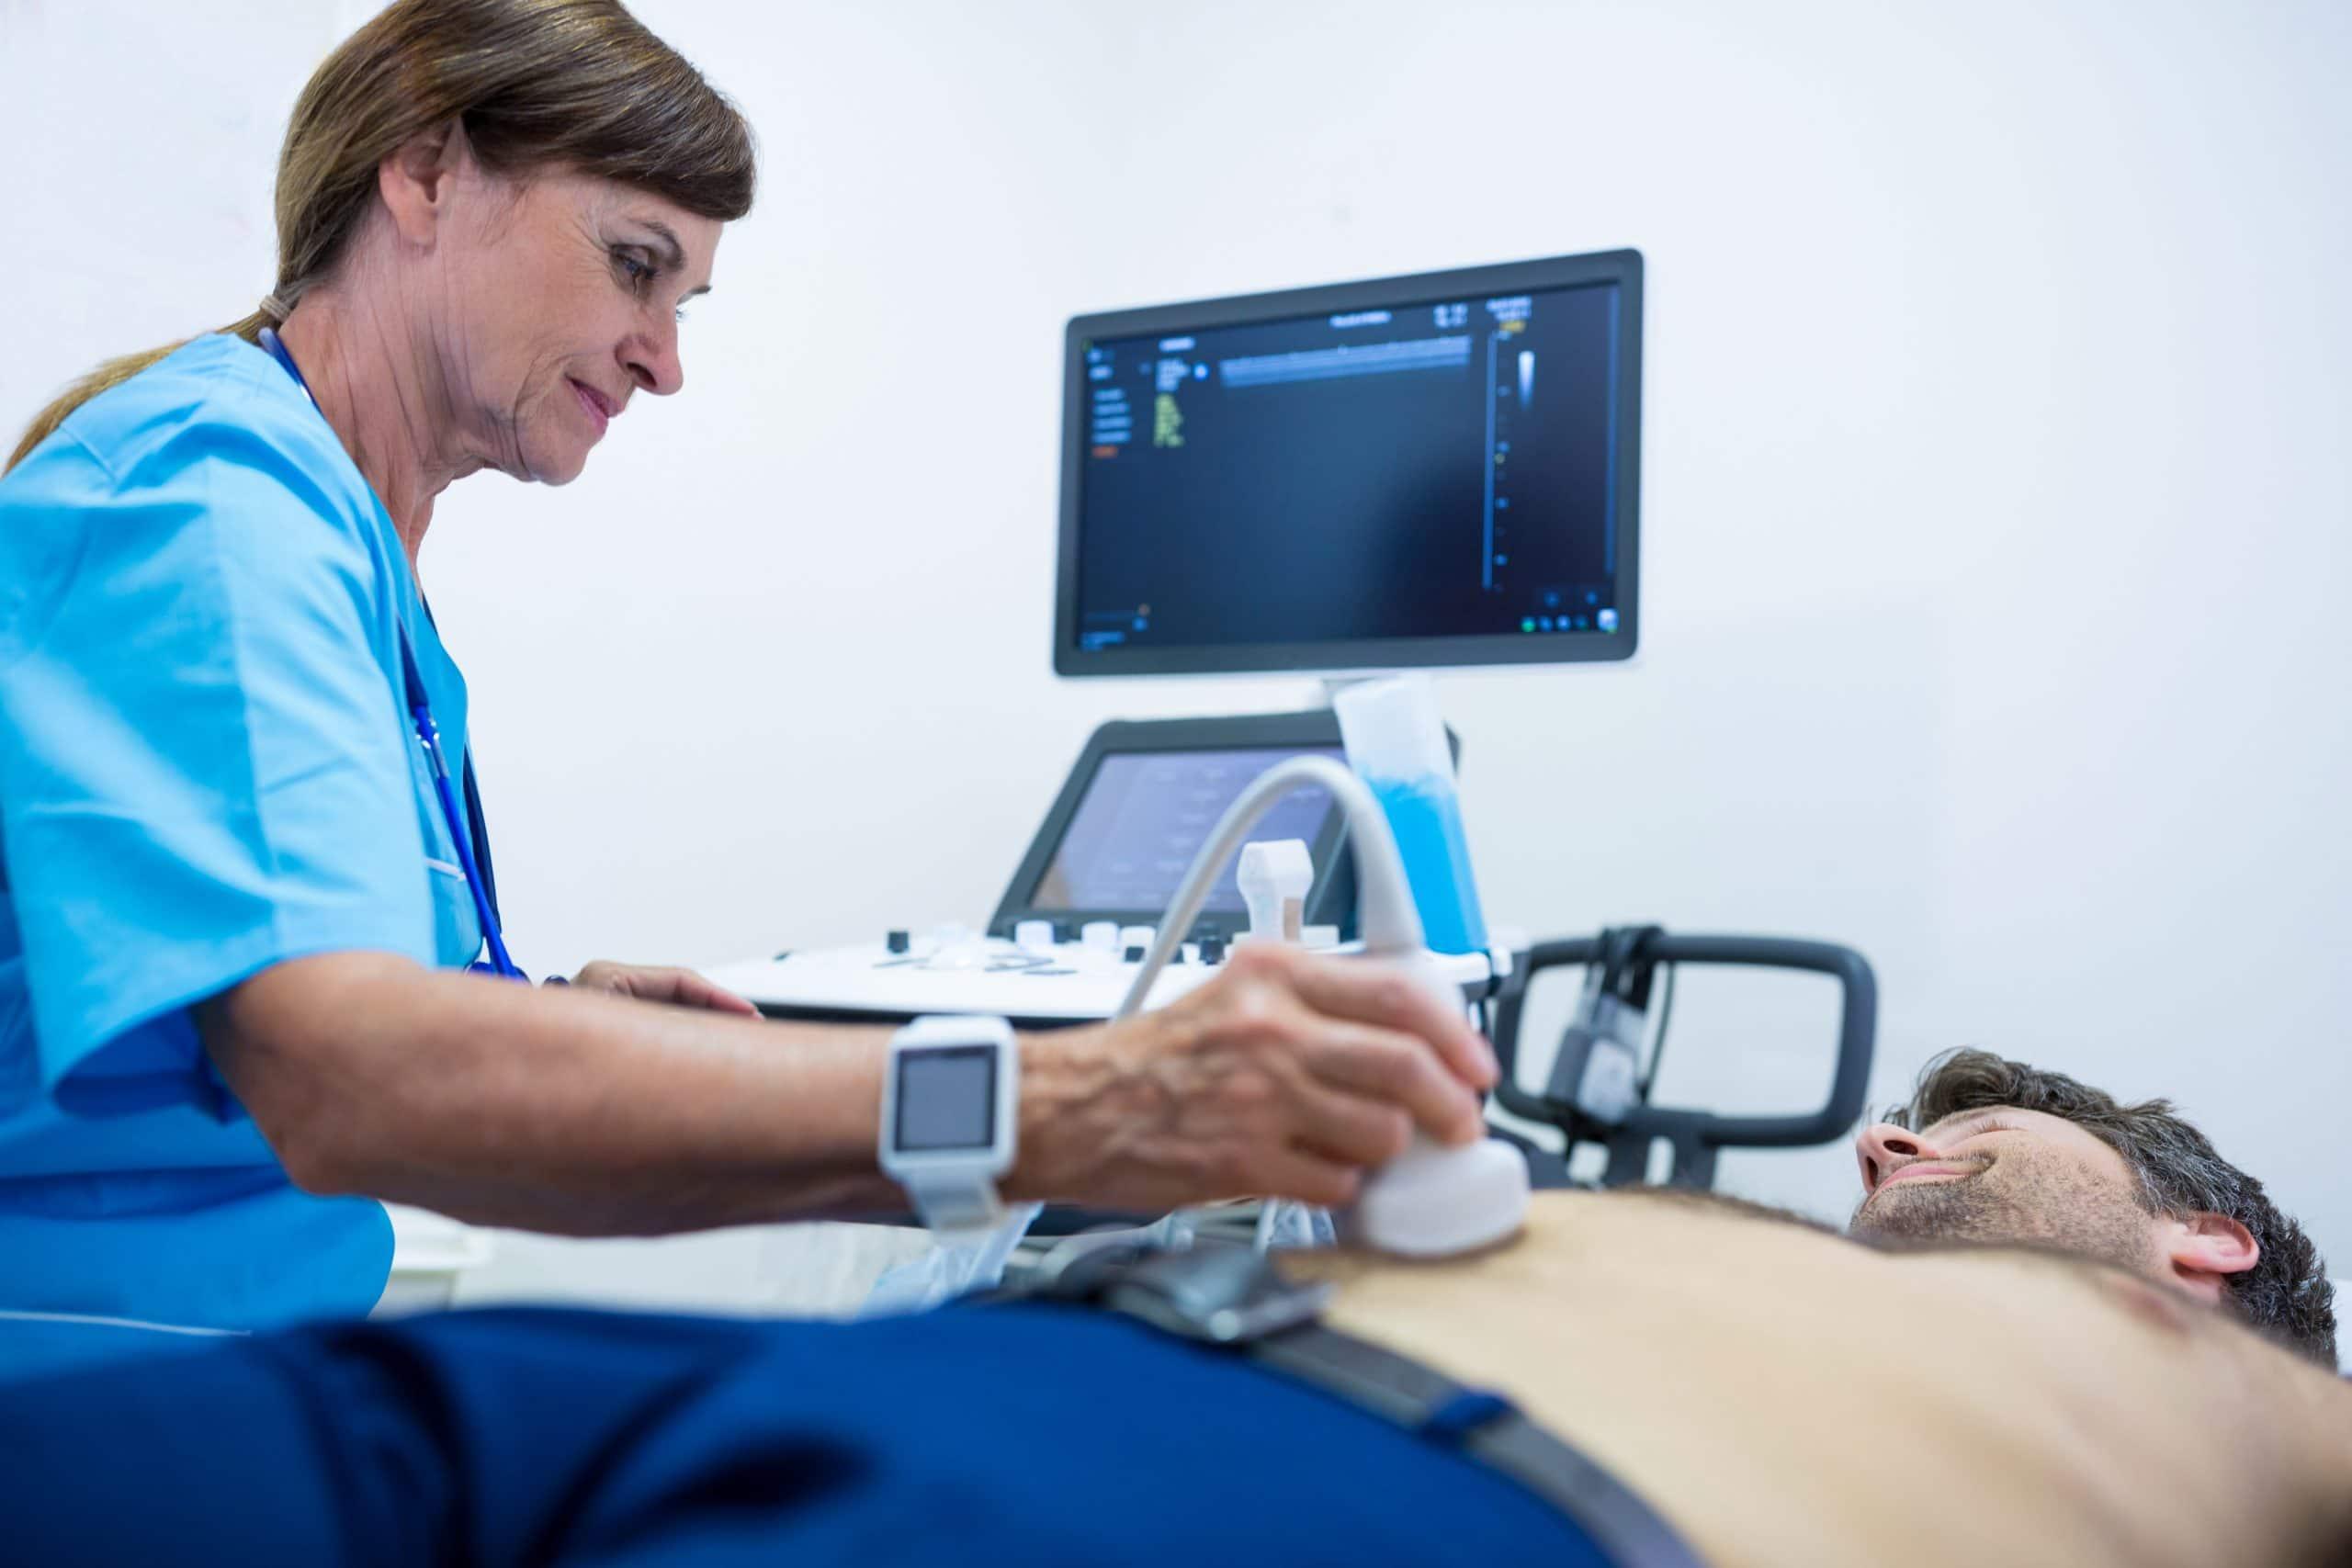 preparazione per ecografia addominale - dottore posa gel su addome paziente